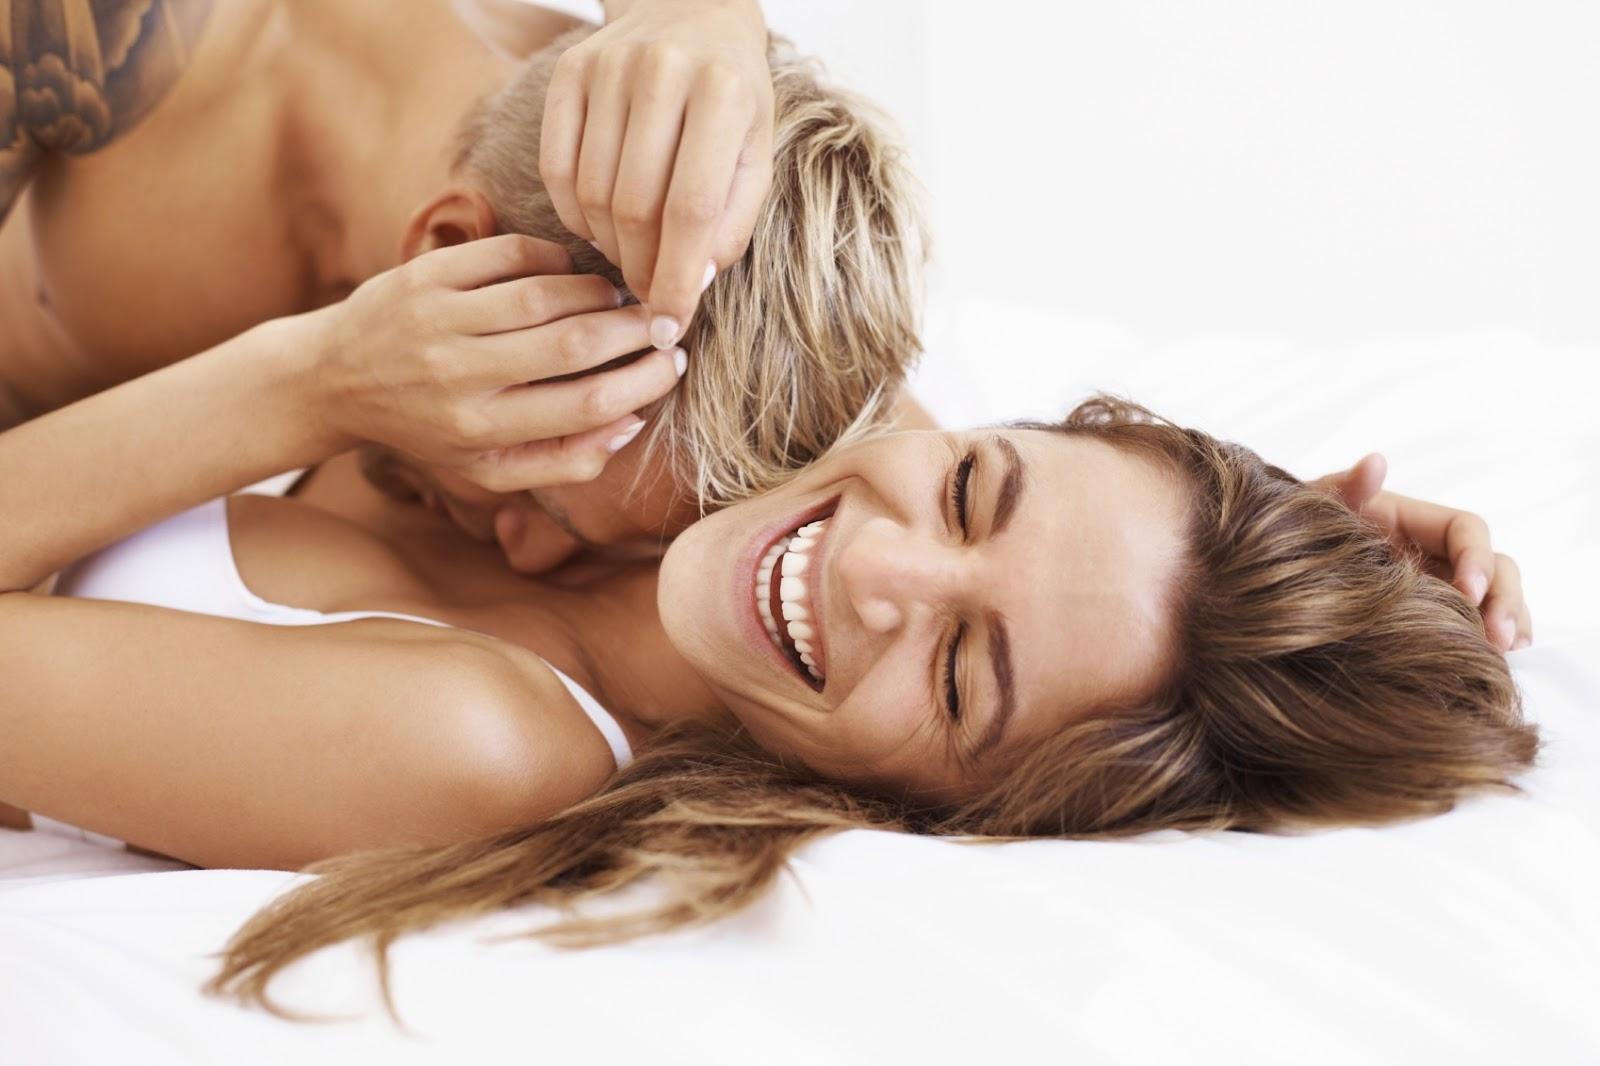 Beneficios de las relaciones sexuales